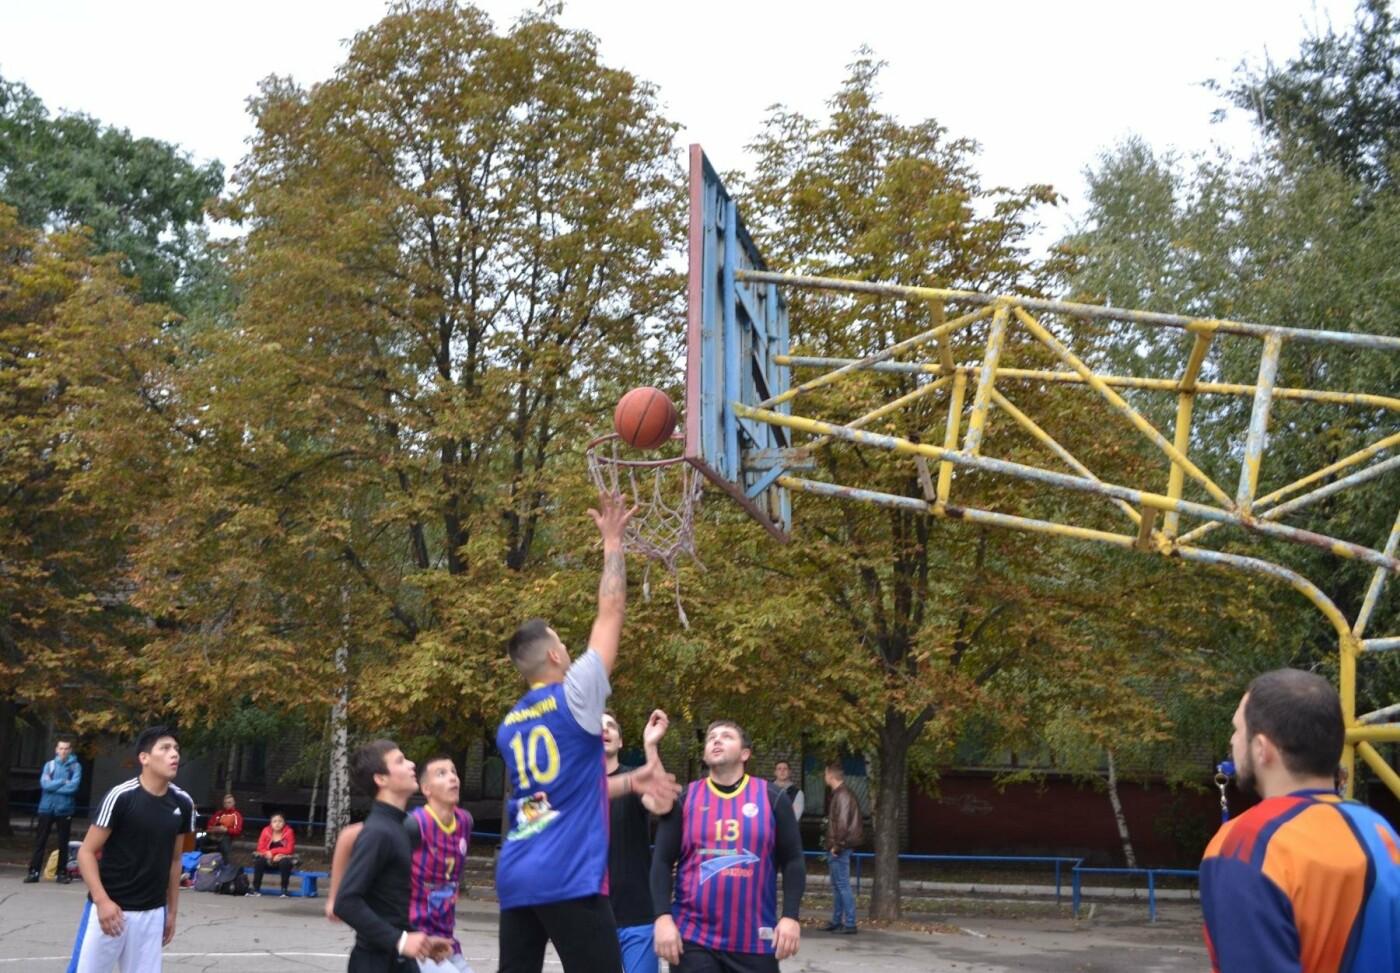 В Запорожье с успехом прошли соревнования по стритболу среди аматоров при финансовой поддержке мецената Александра Богуслаева, фото-7